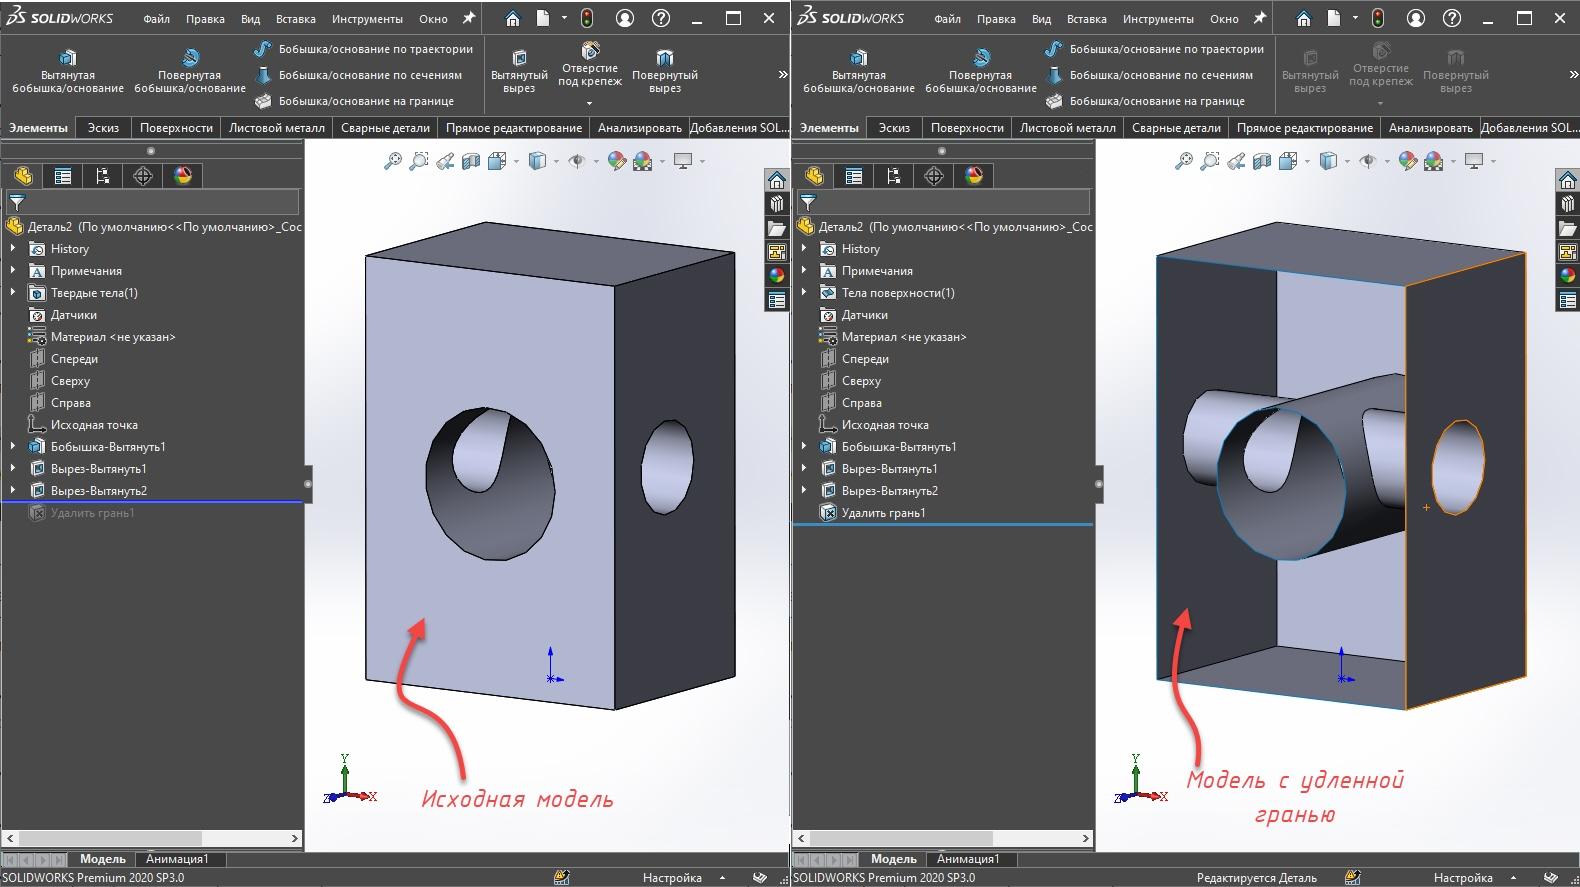 olidworks поверхности, Solidworks инструменты поверхностного проектирования,  SOLIDWORKS удалить поверхность, удалить поверхность.